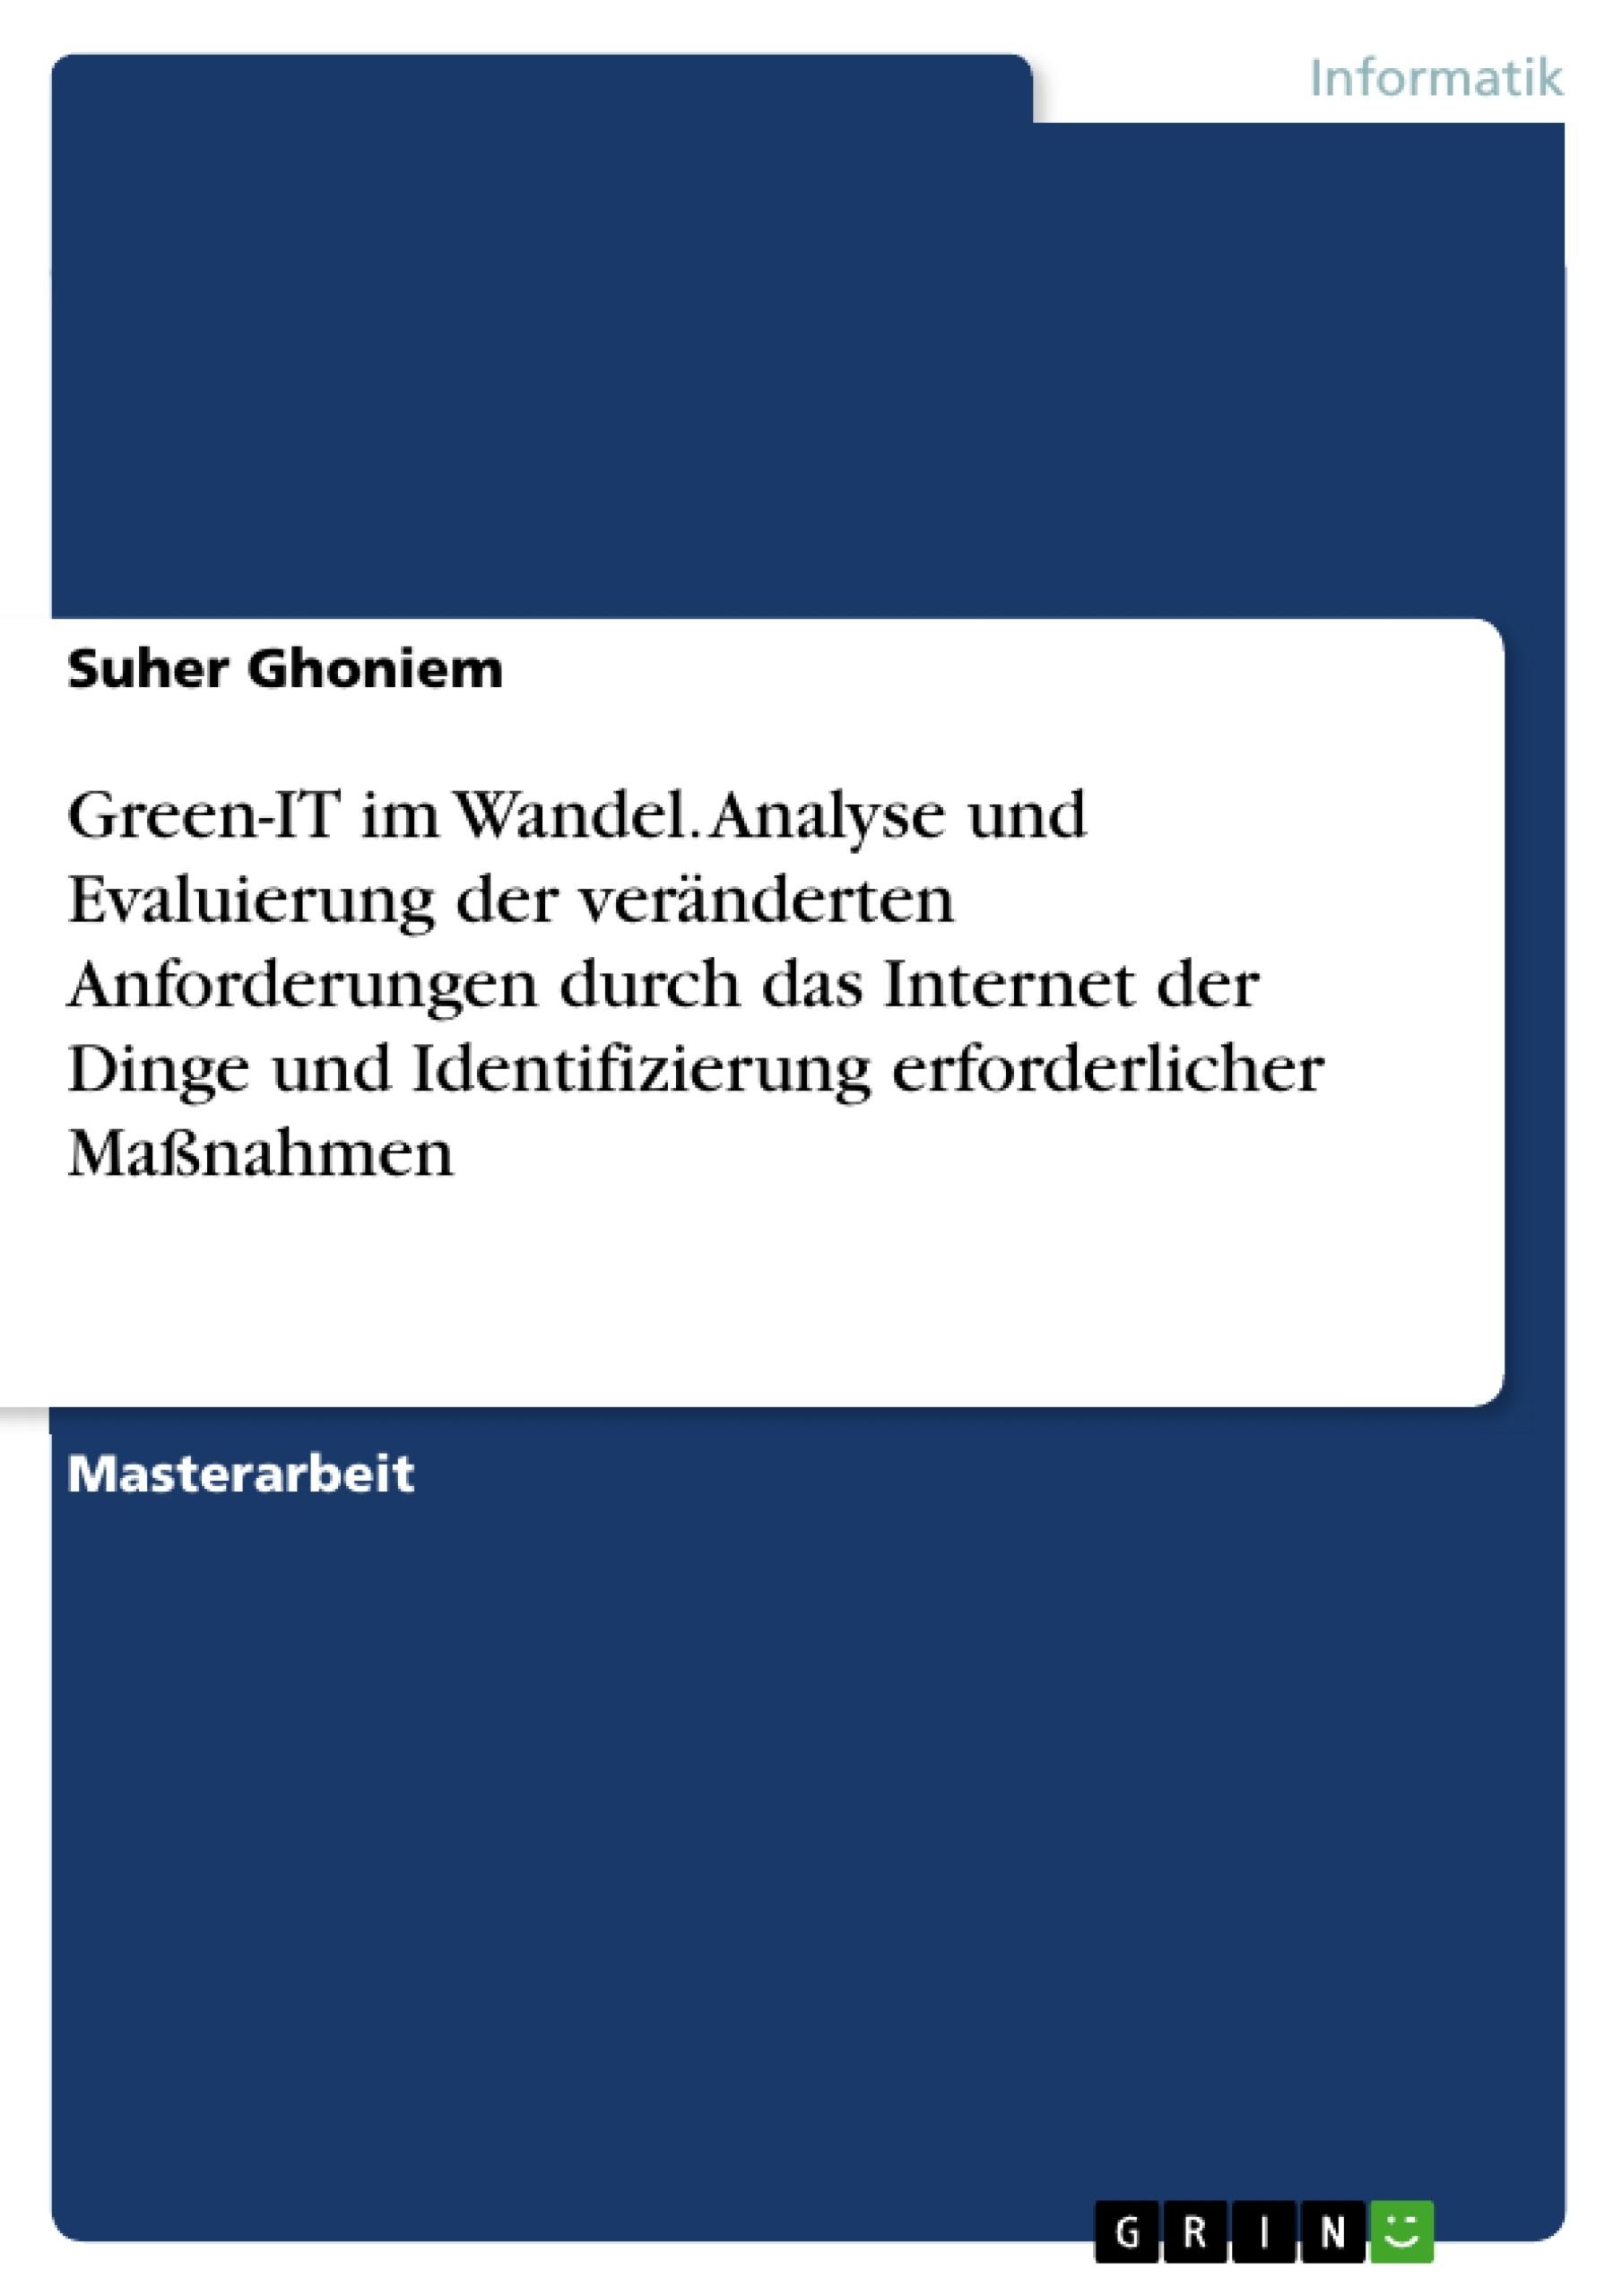 Titel: Green-IT im Wandel. Analyse und Evaluierung der veränderten Anforderungen durch das Internet der Dinge und Identifizierung erforderlicher Maßnahmen